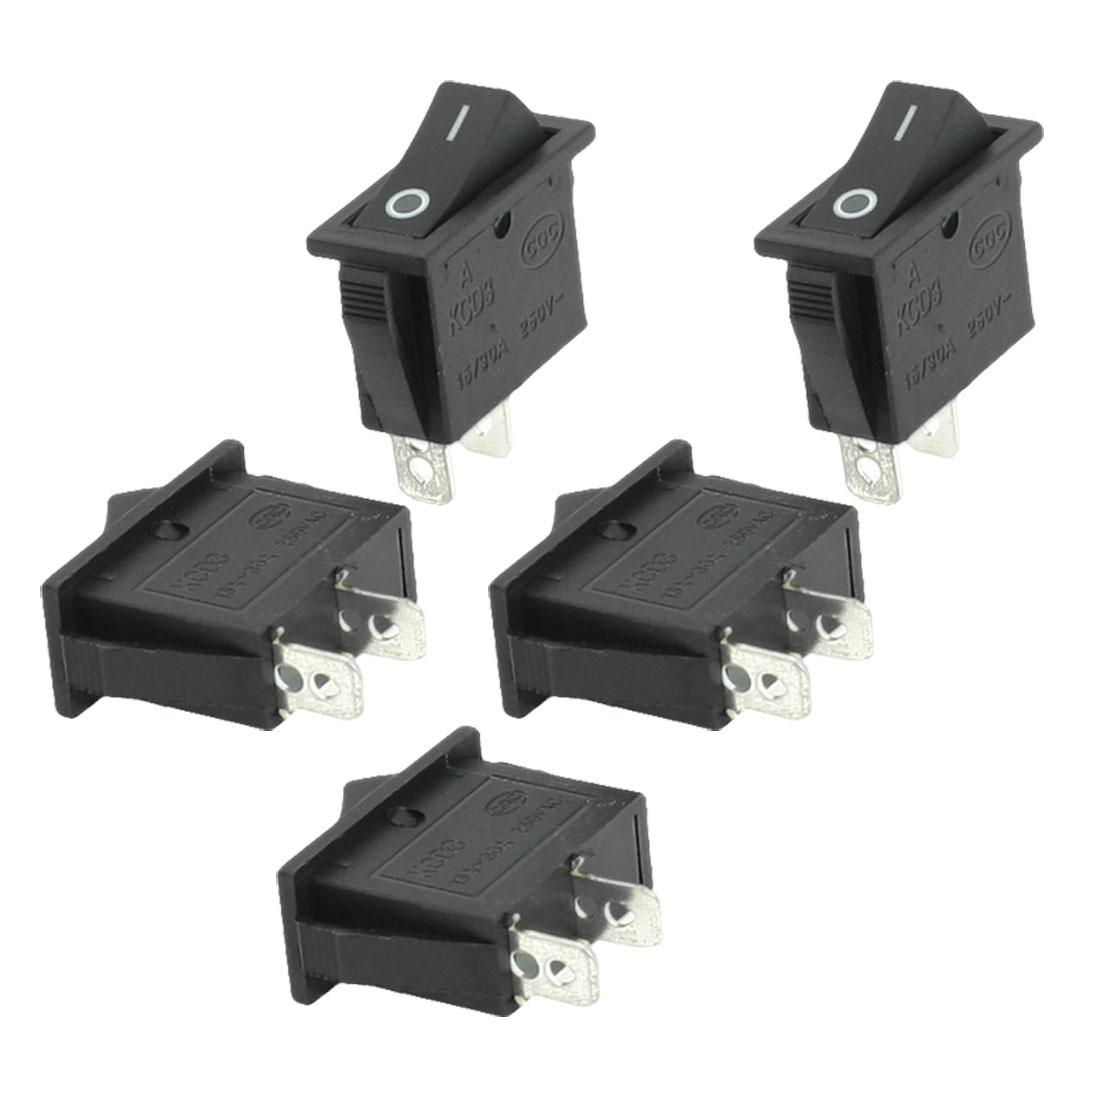 5 Pcs 2 Terminal SPST Black On/Off Rocker Switch AC 250V 10/30A